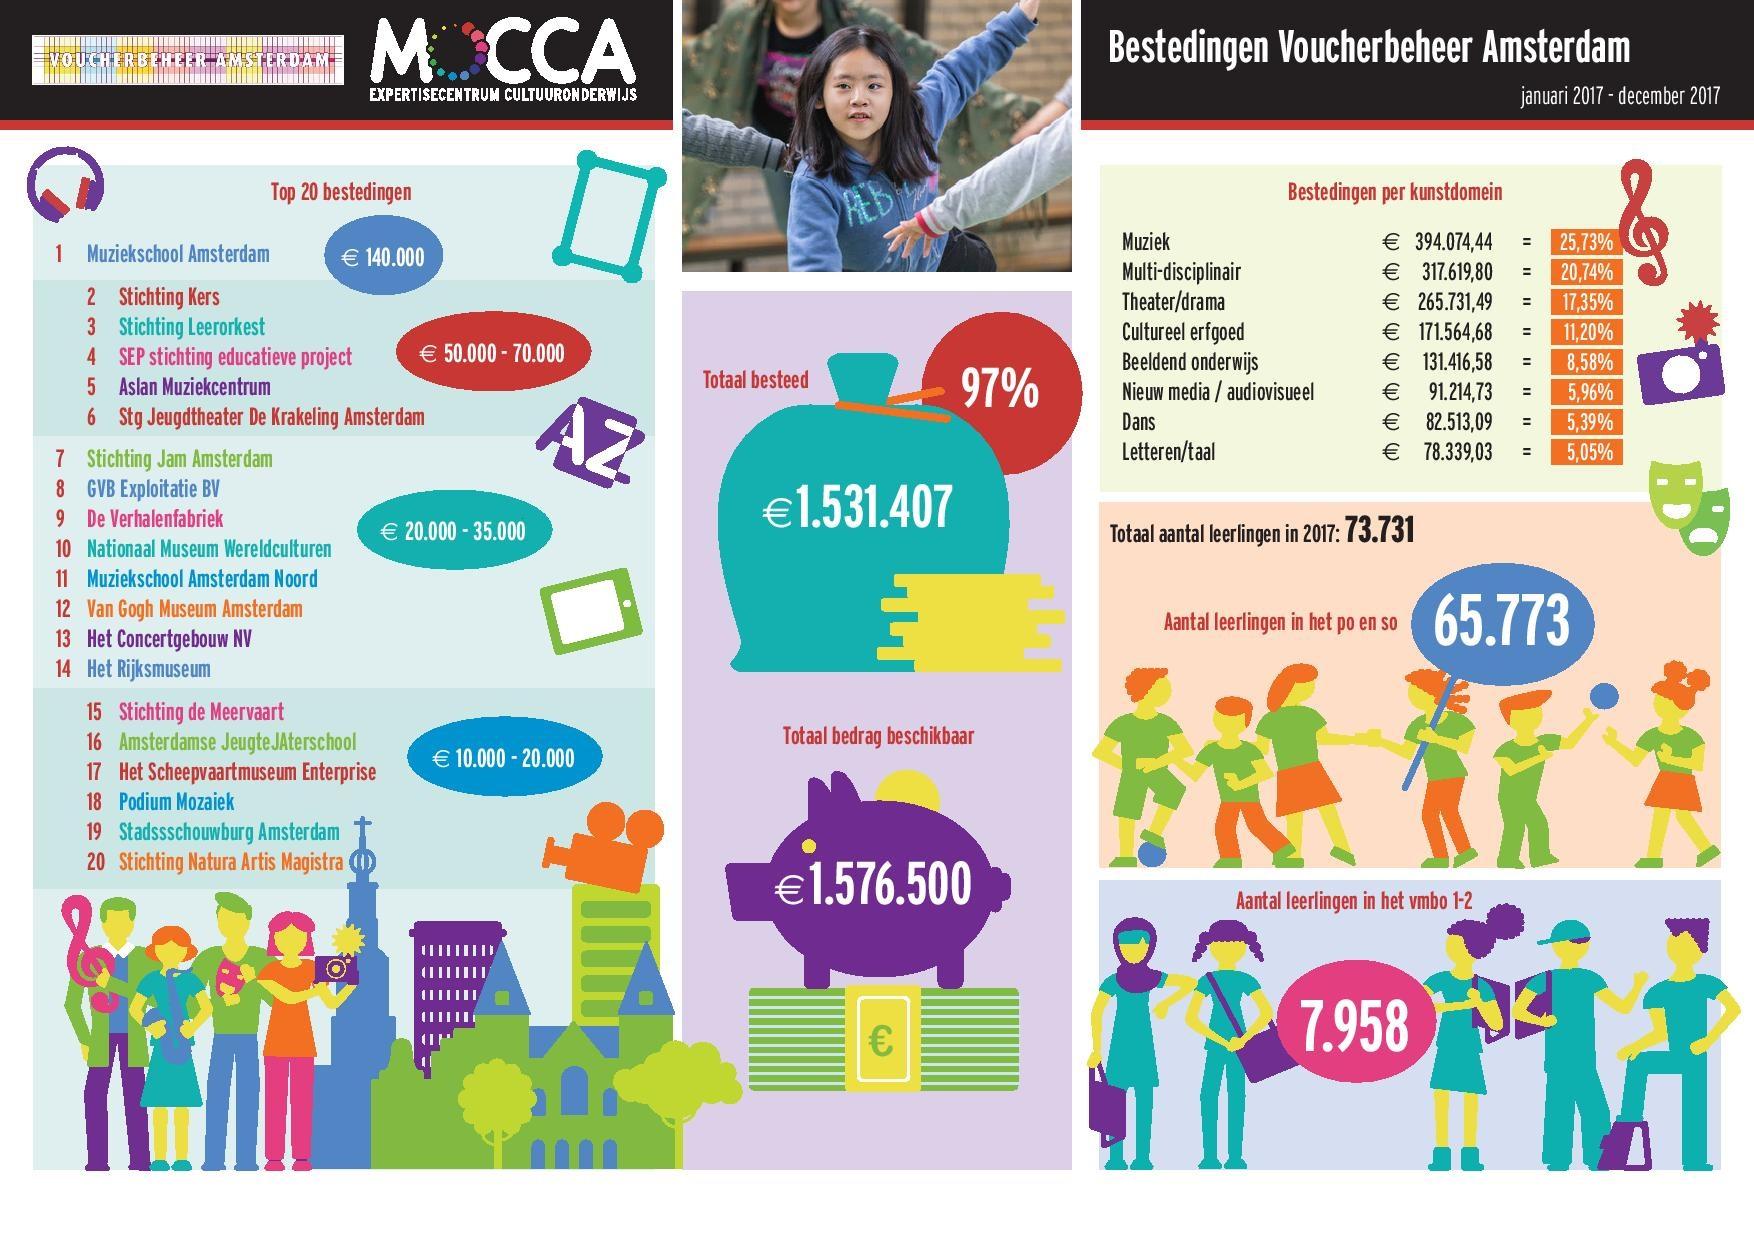 Voucherbeheerbestedingen 2017 Mocca exterisecentrum cultuuronderwijs